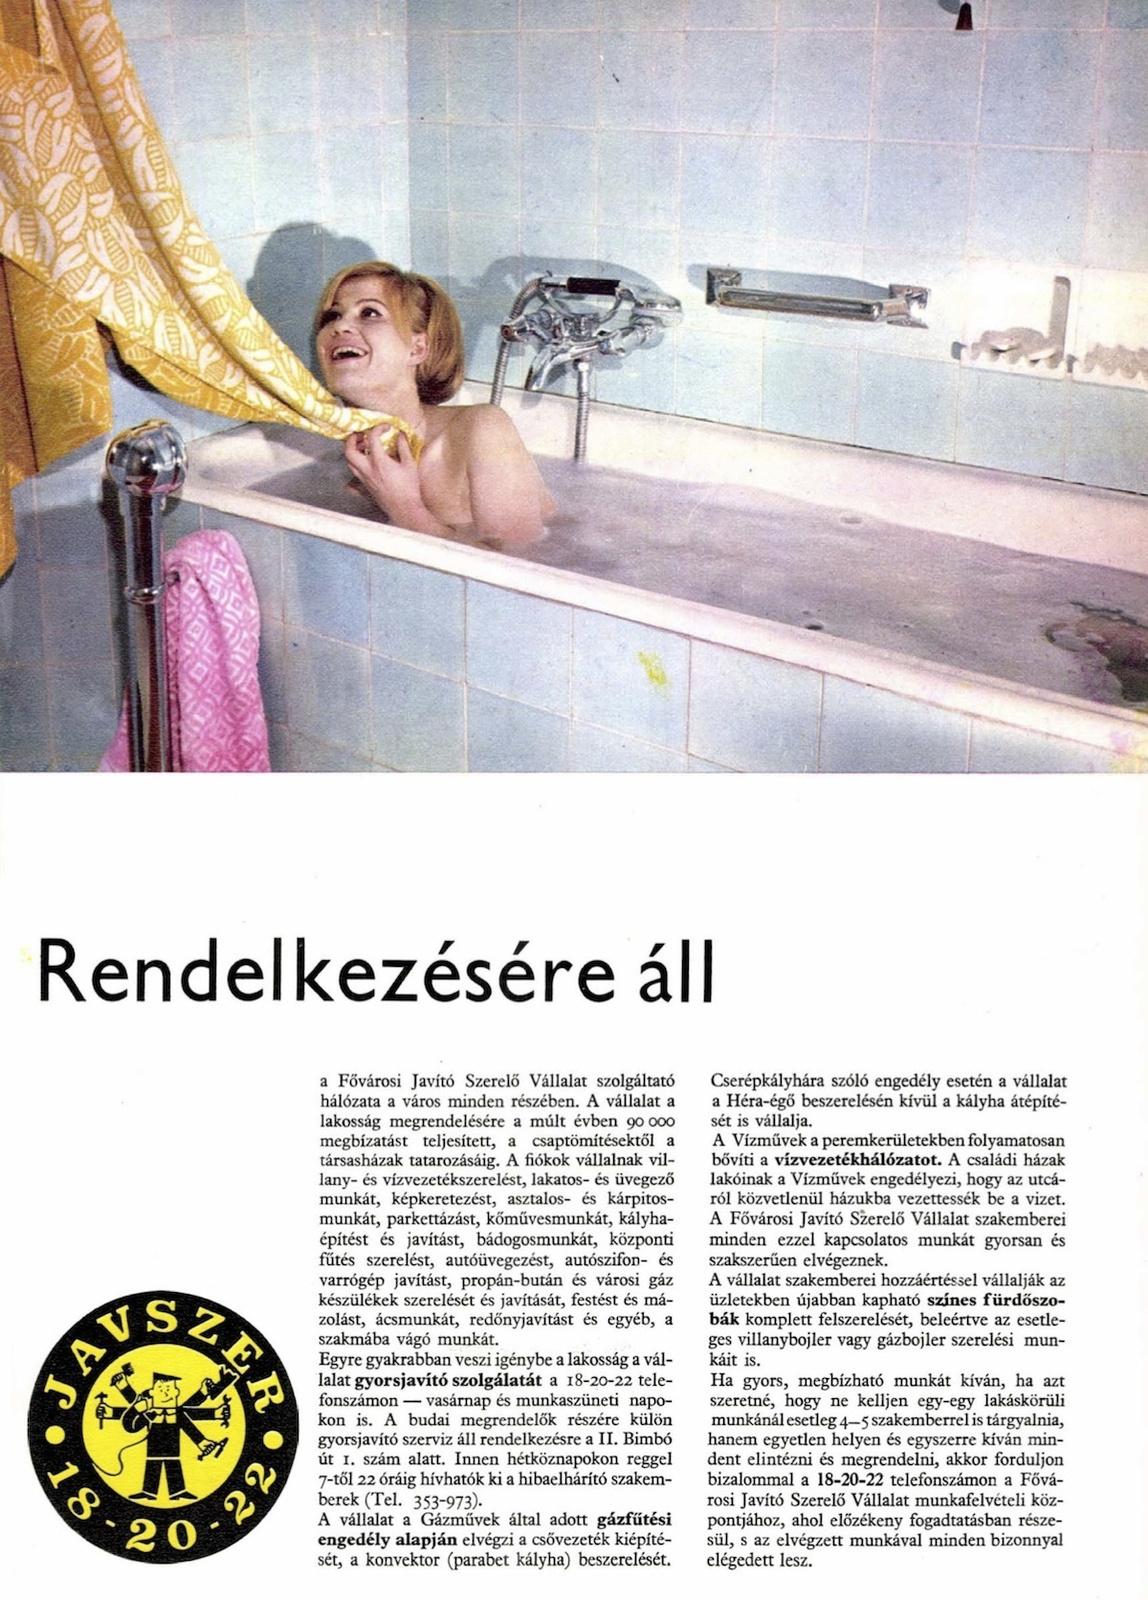 fovarosi.blog.hu: 196712-Javszer - indafoto.hu